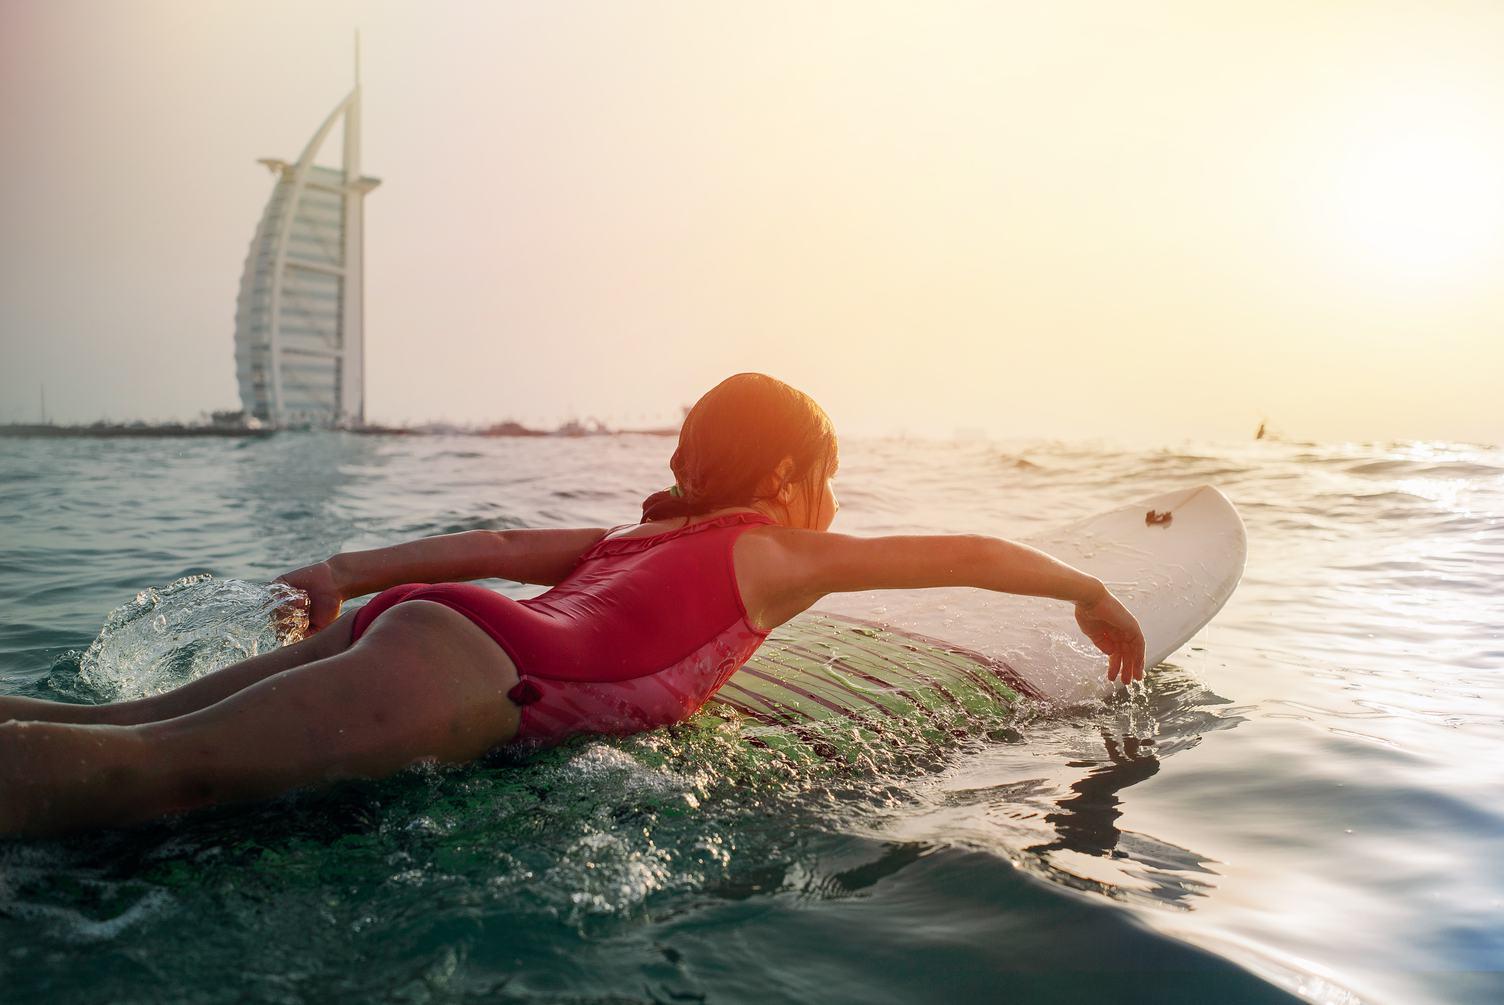 Little Girl Surf against Burj al Arab Building, Dubai